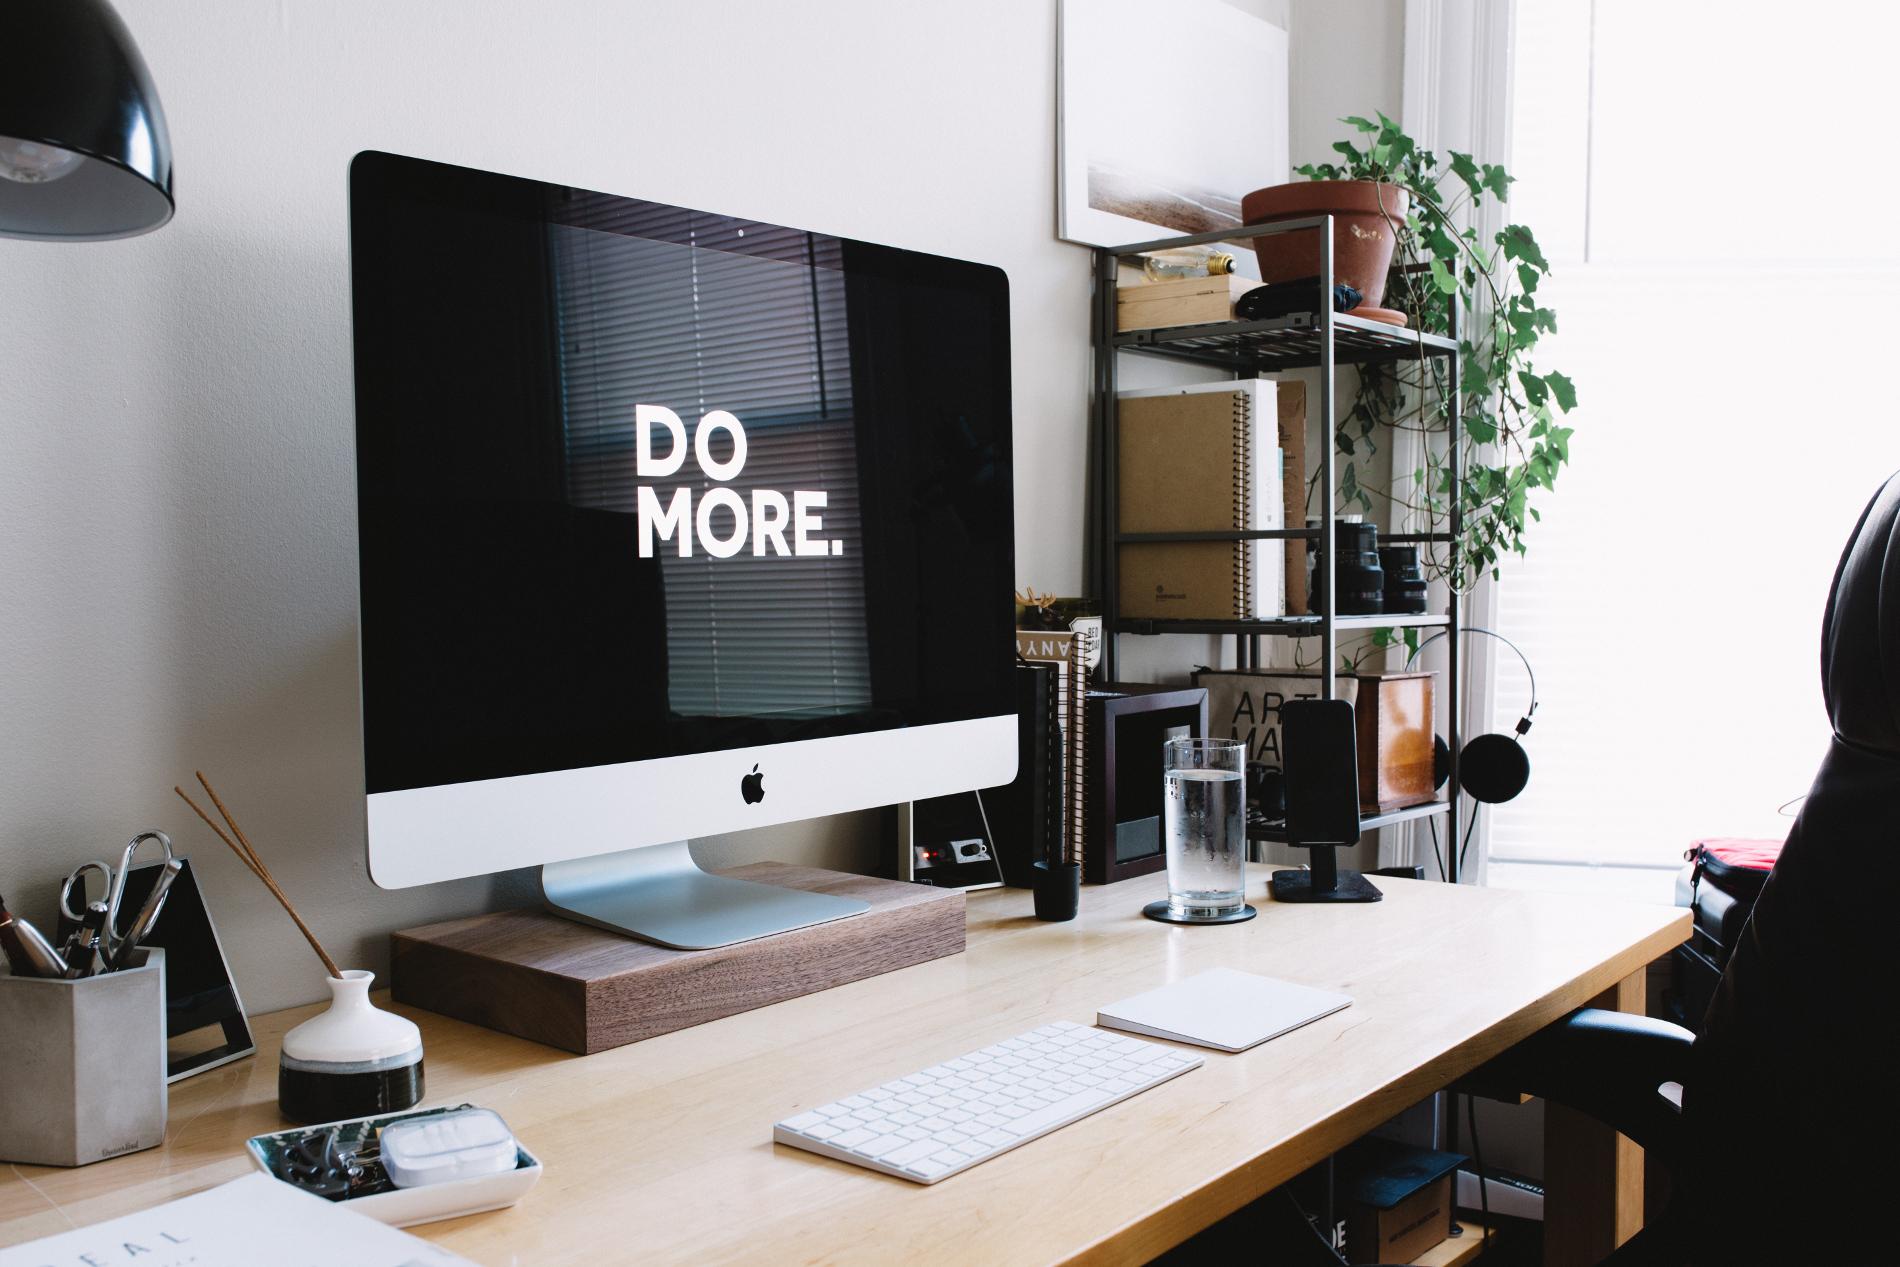 El problema de mi obsesión con la productividad